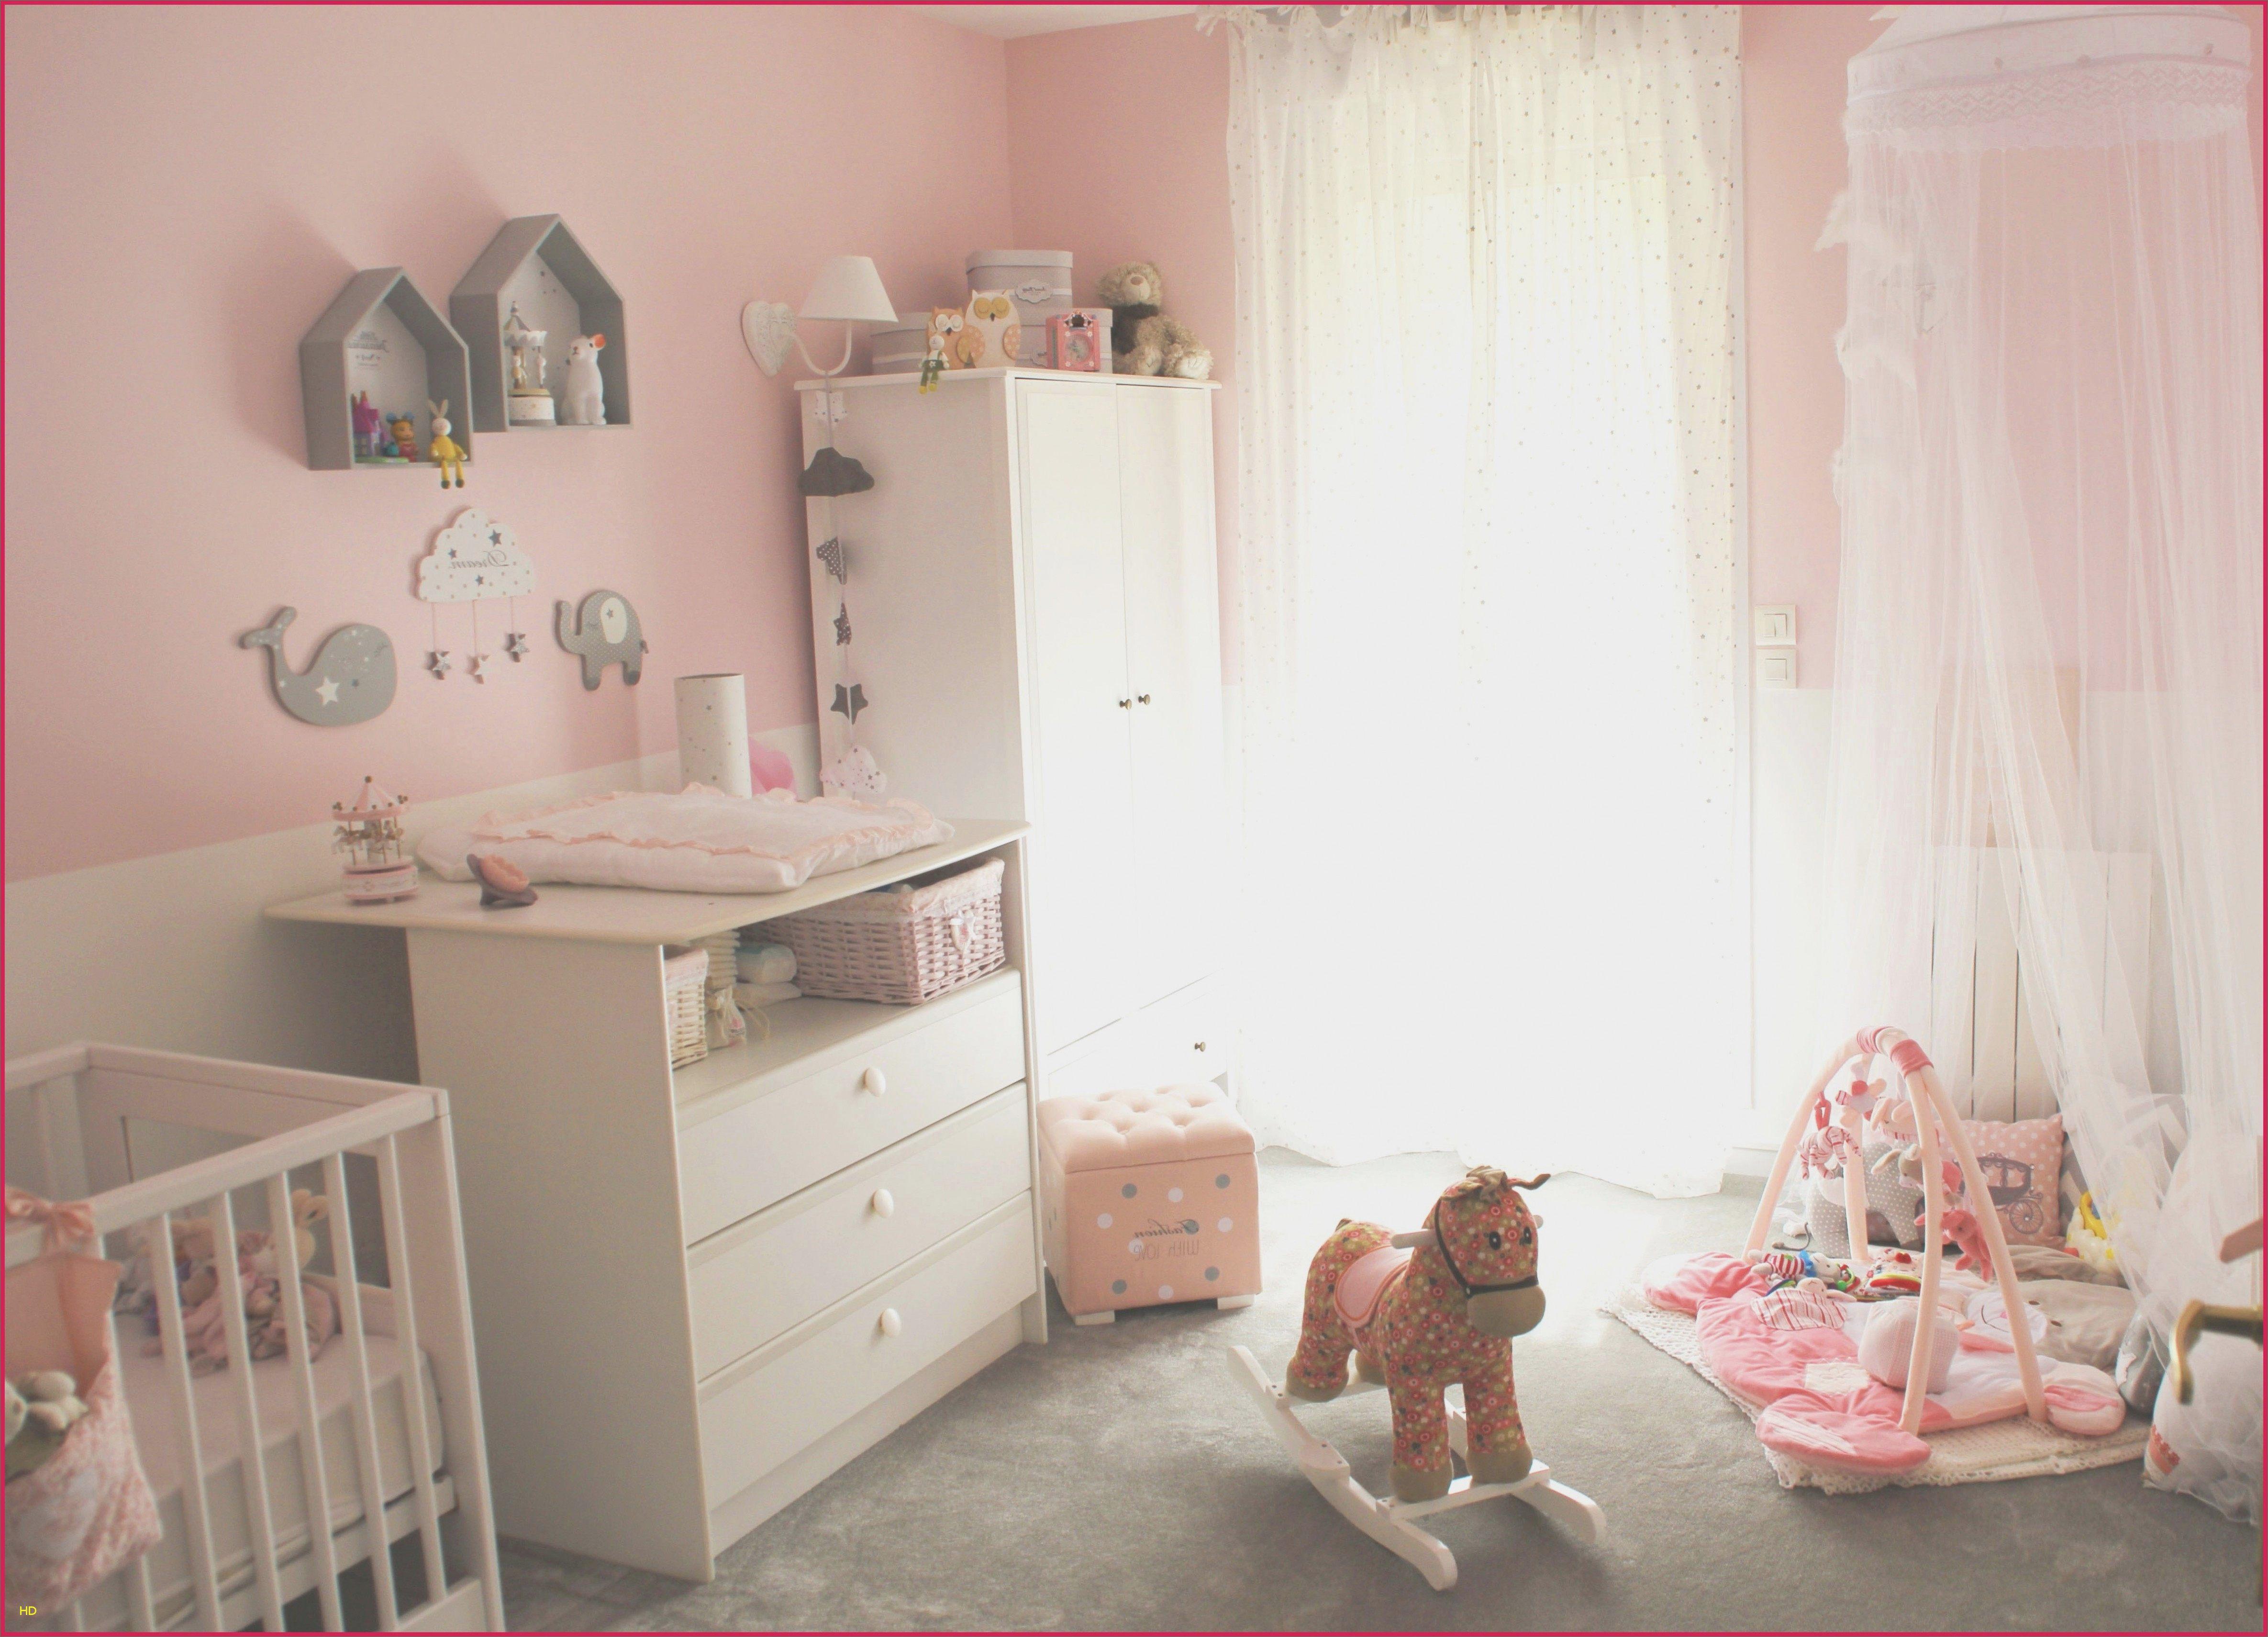 Lit Bébé En Bois De Luxe attirant Chaise Haute Bébé Fille Avec Chaise Haute Bébé Download